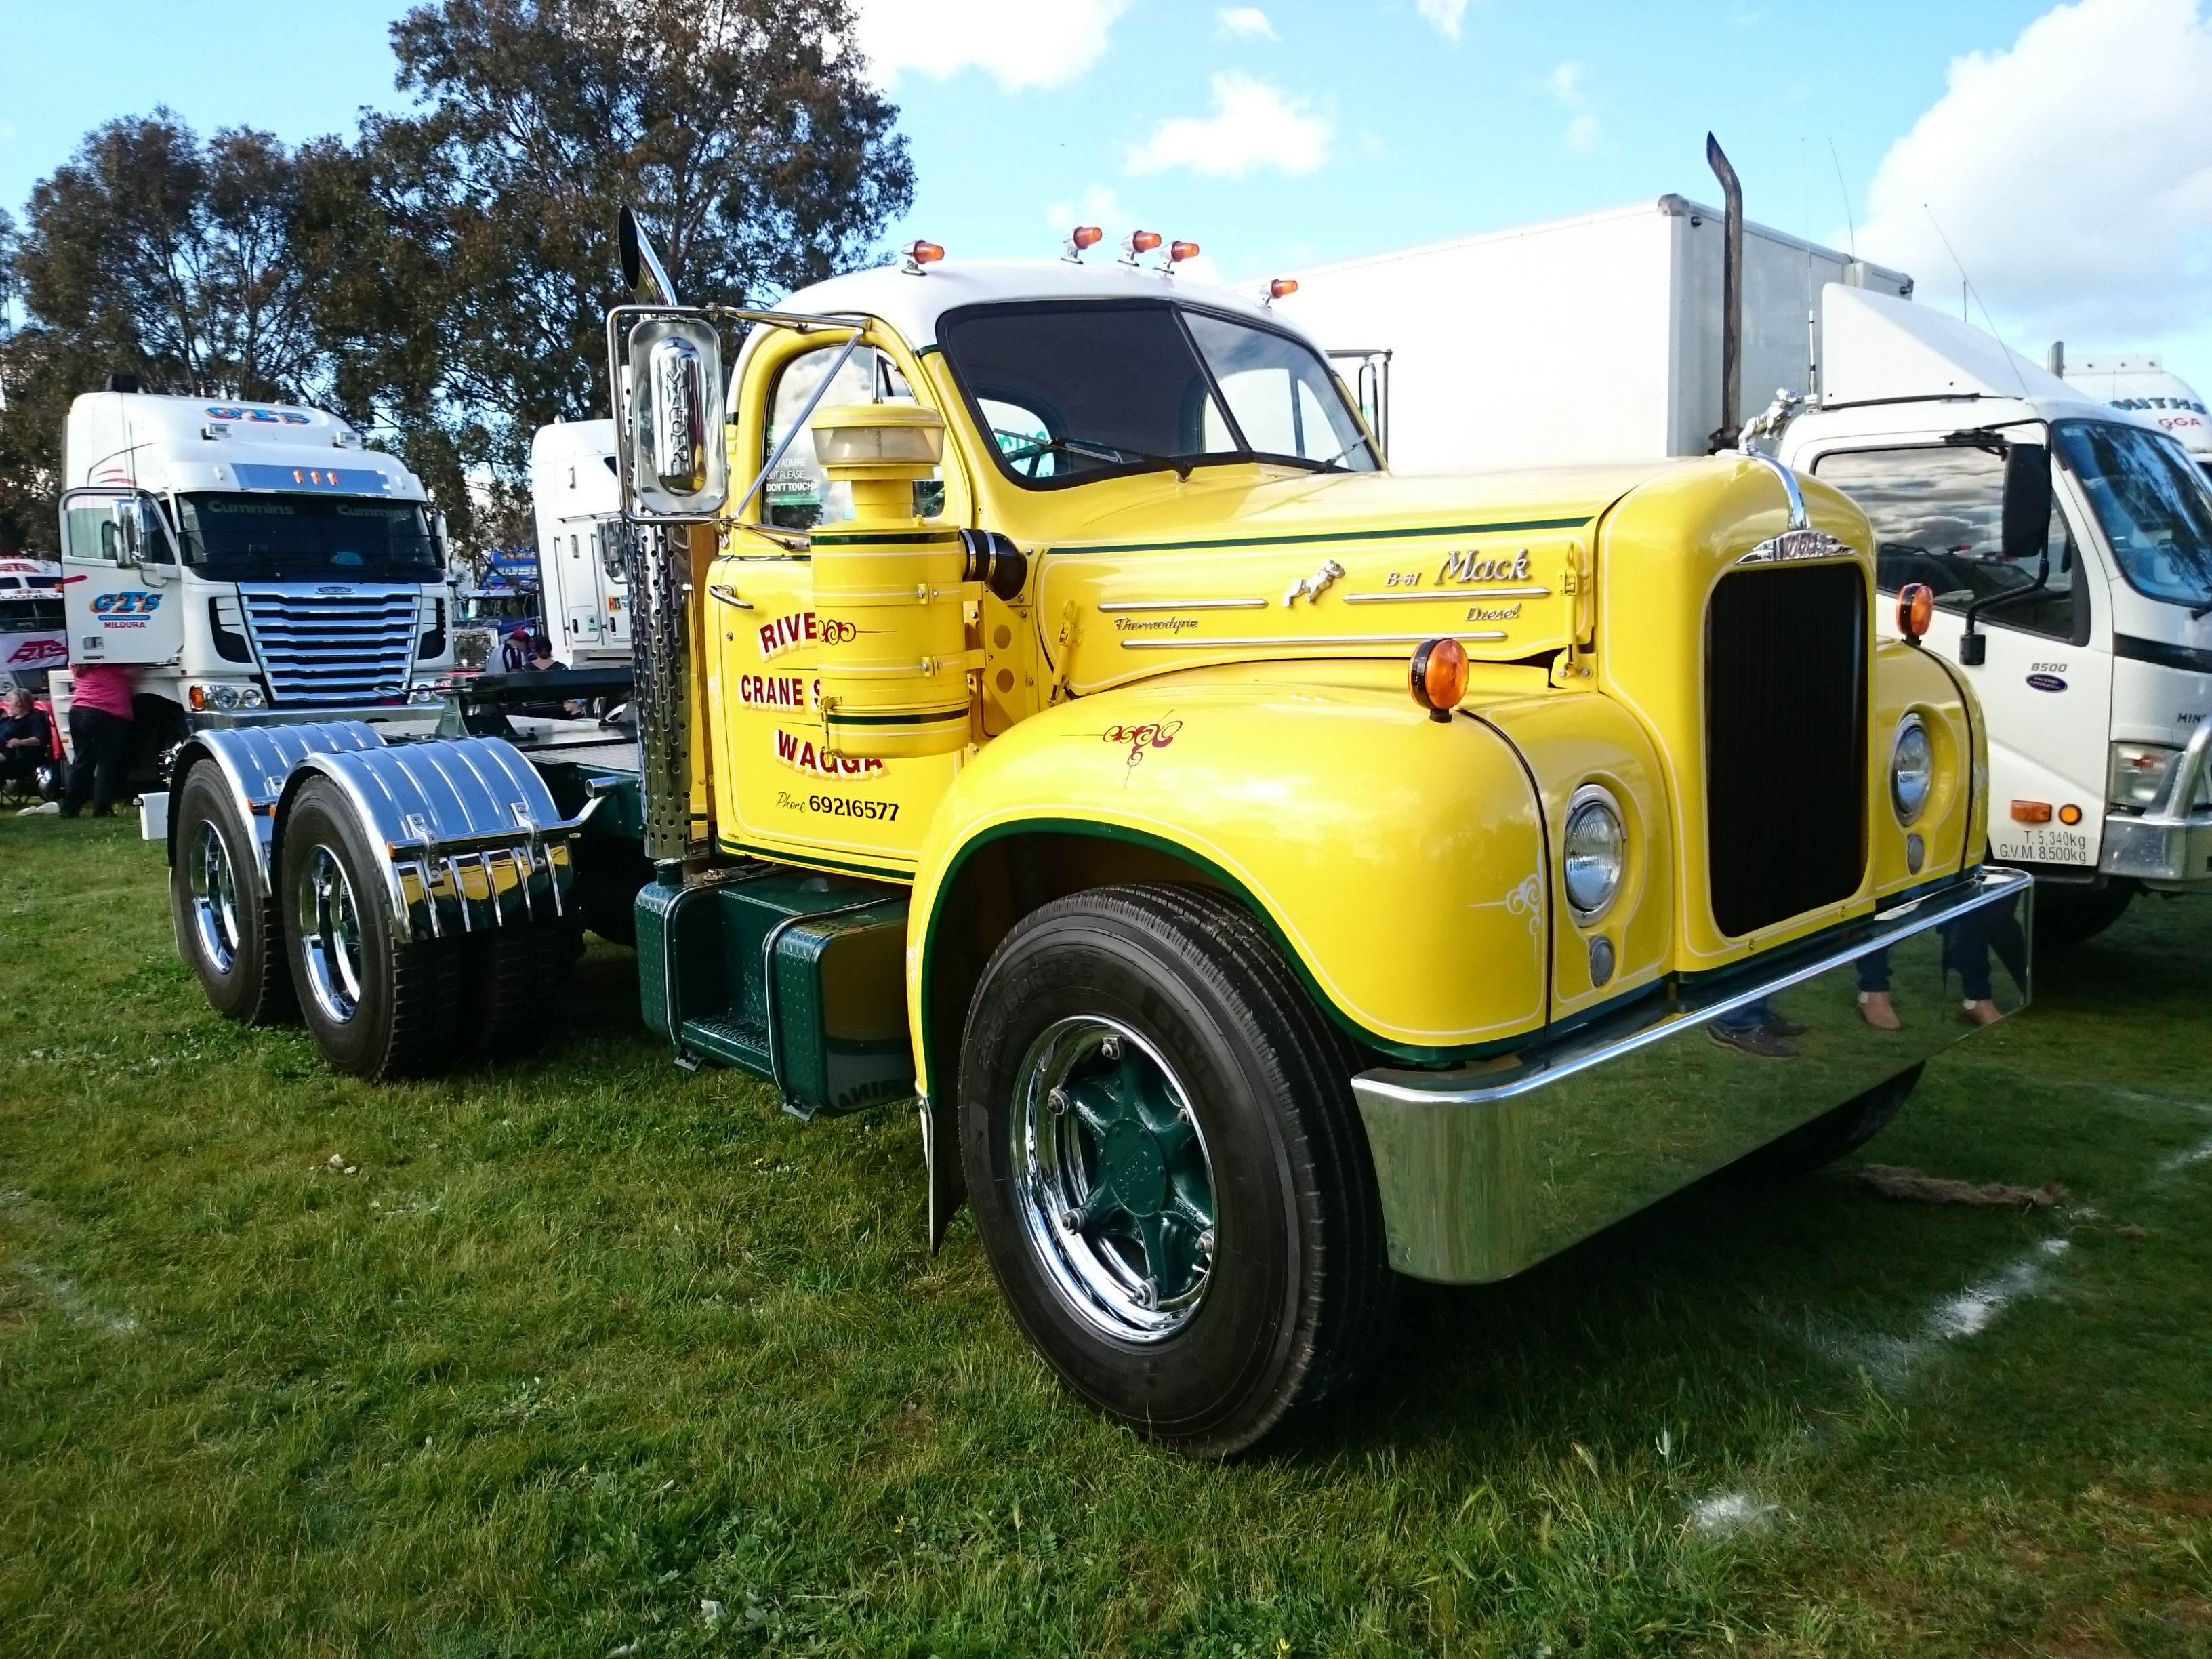 The Top Ten Coolest Old Trucks